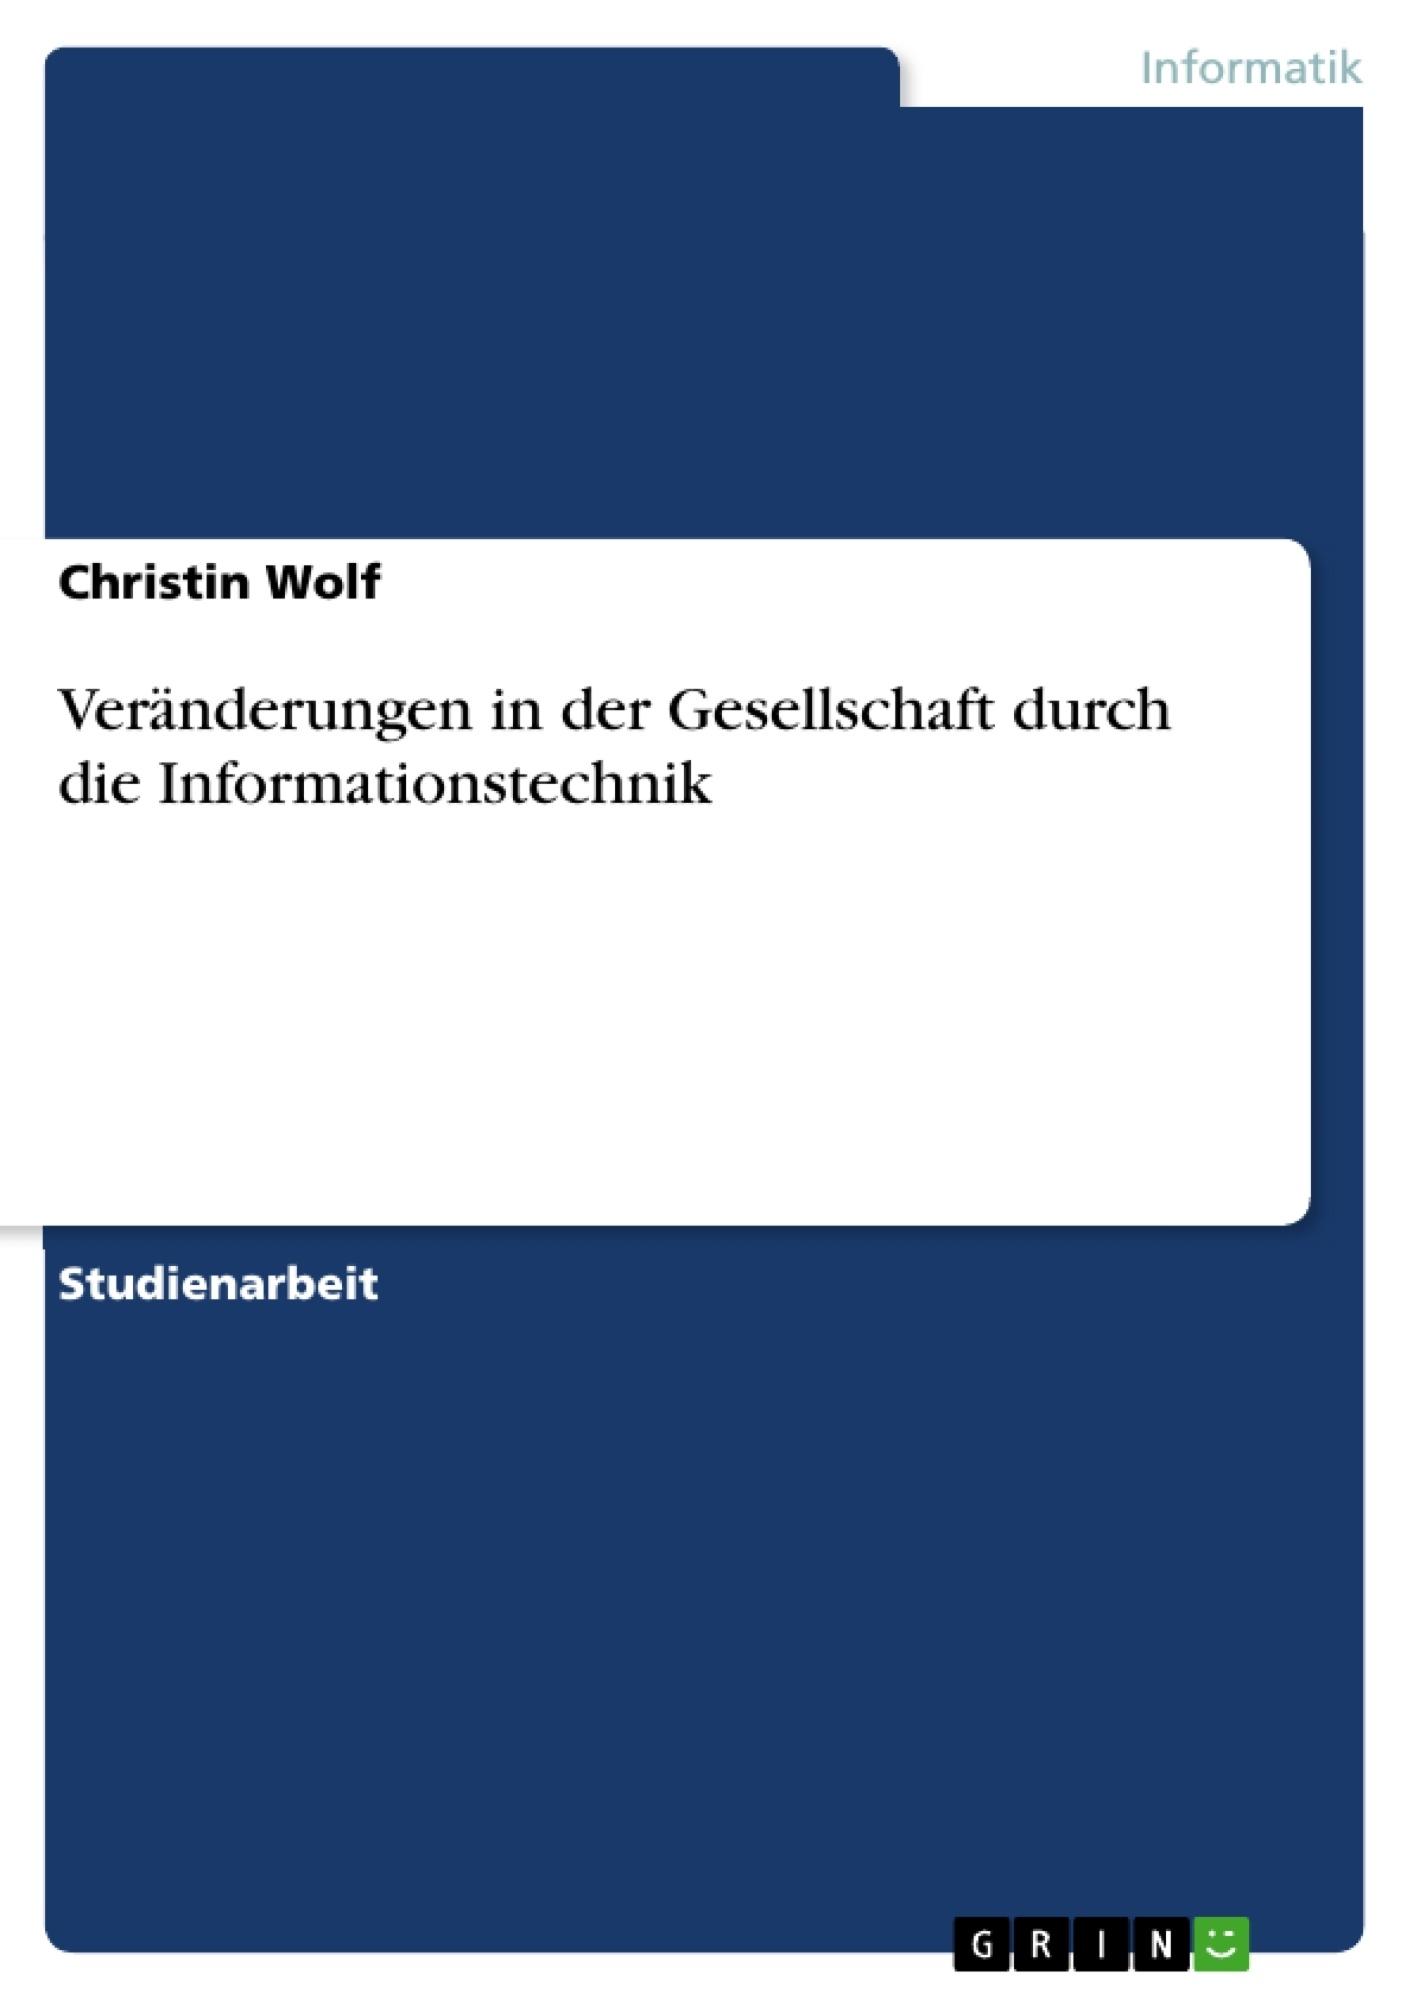 Titel: Veränderungen in der Gesellschaft durch die Informationstechnik